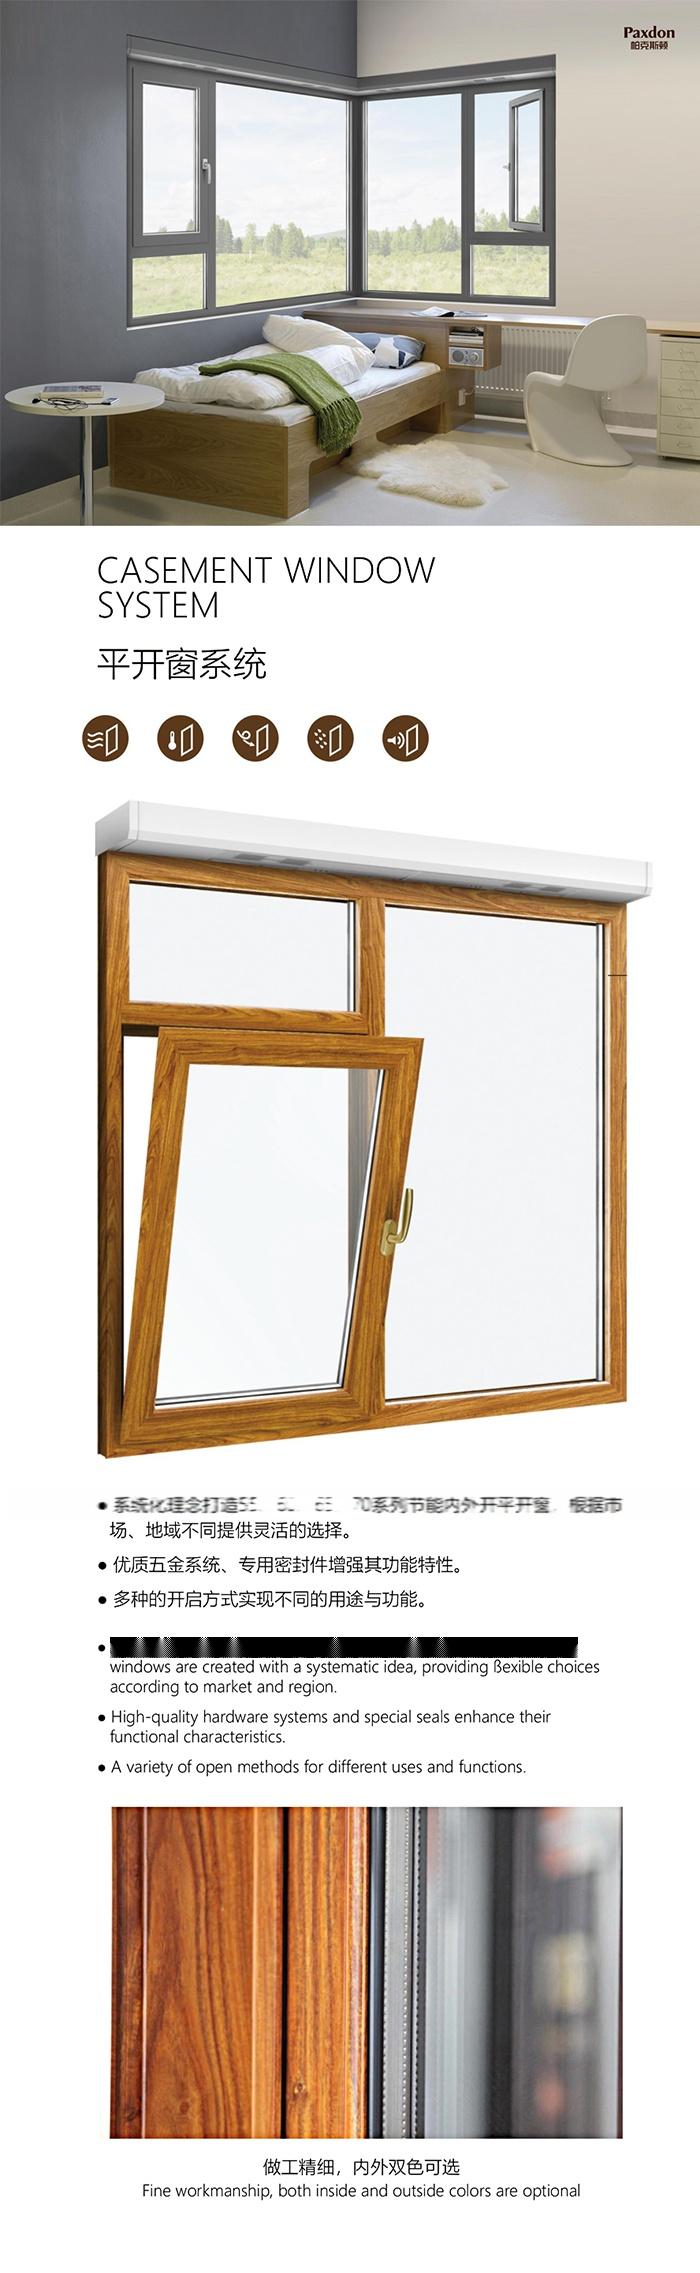 兴发铝业帕克斯顿门窗系统平开窗1.jpg